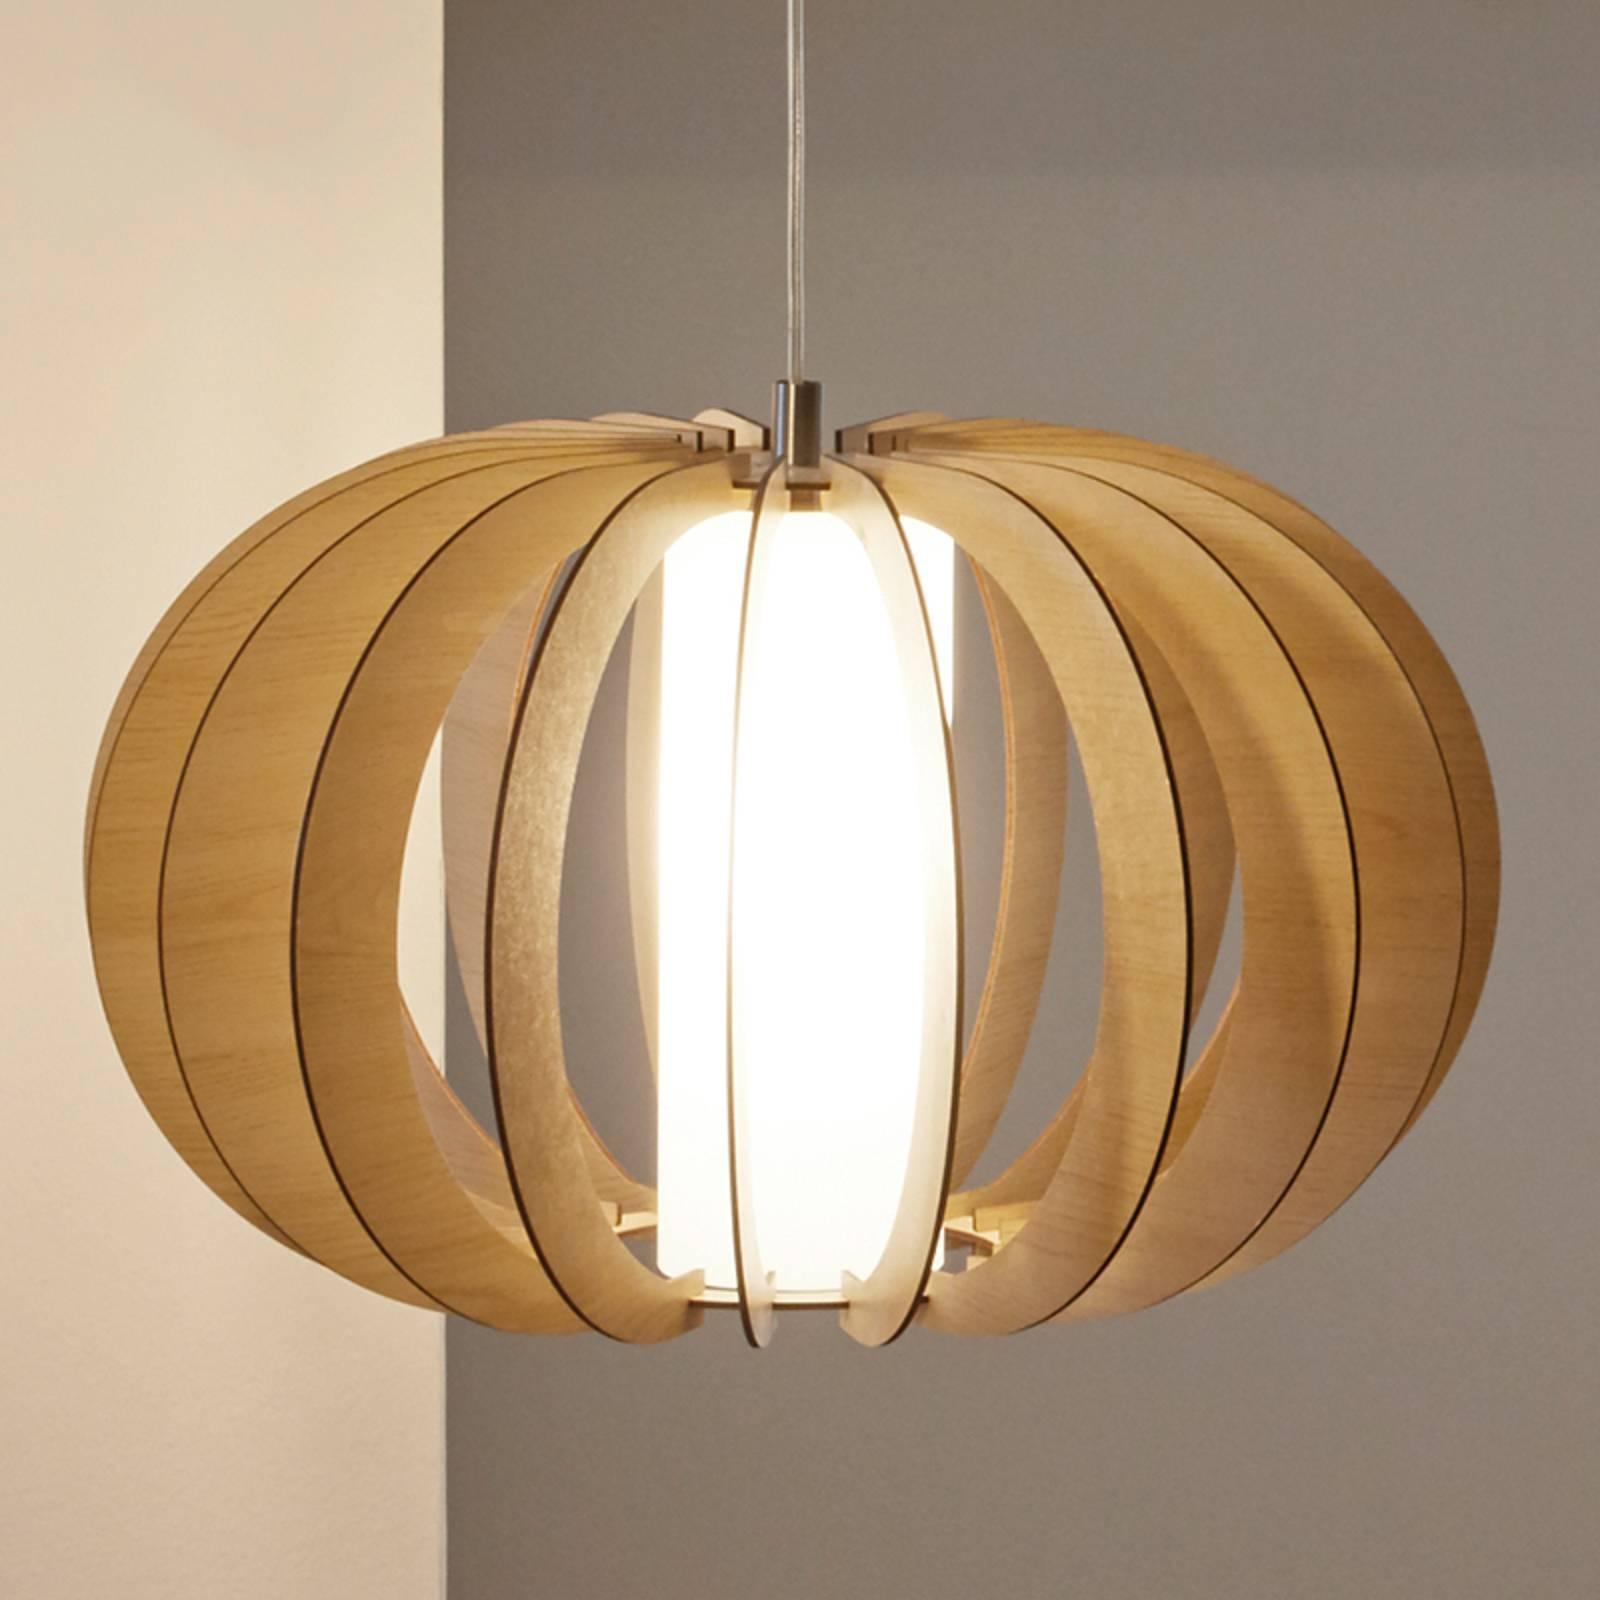 Bruine houten hanglamp Stellato, 50 cm